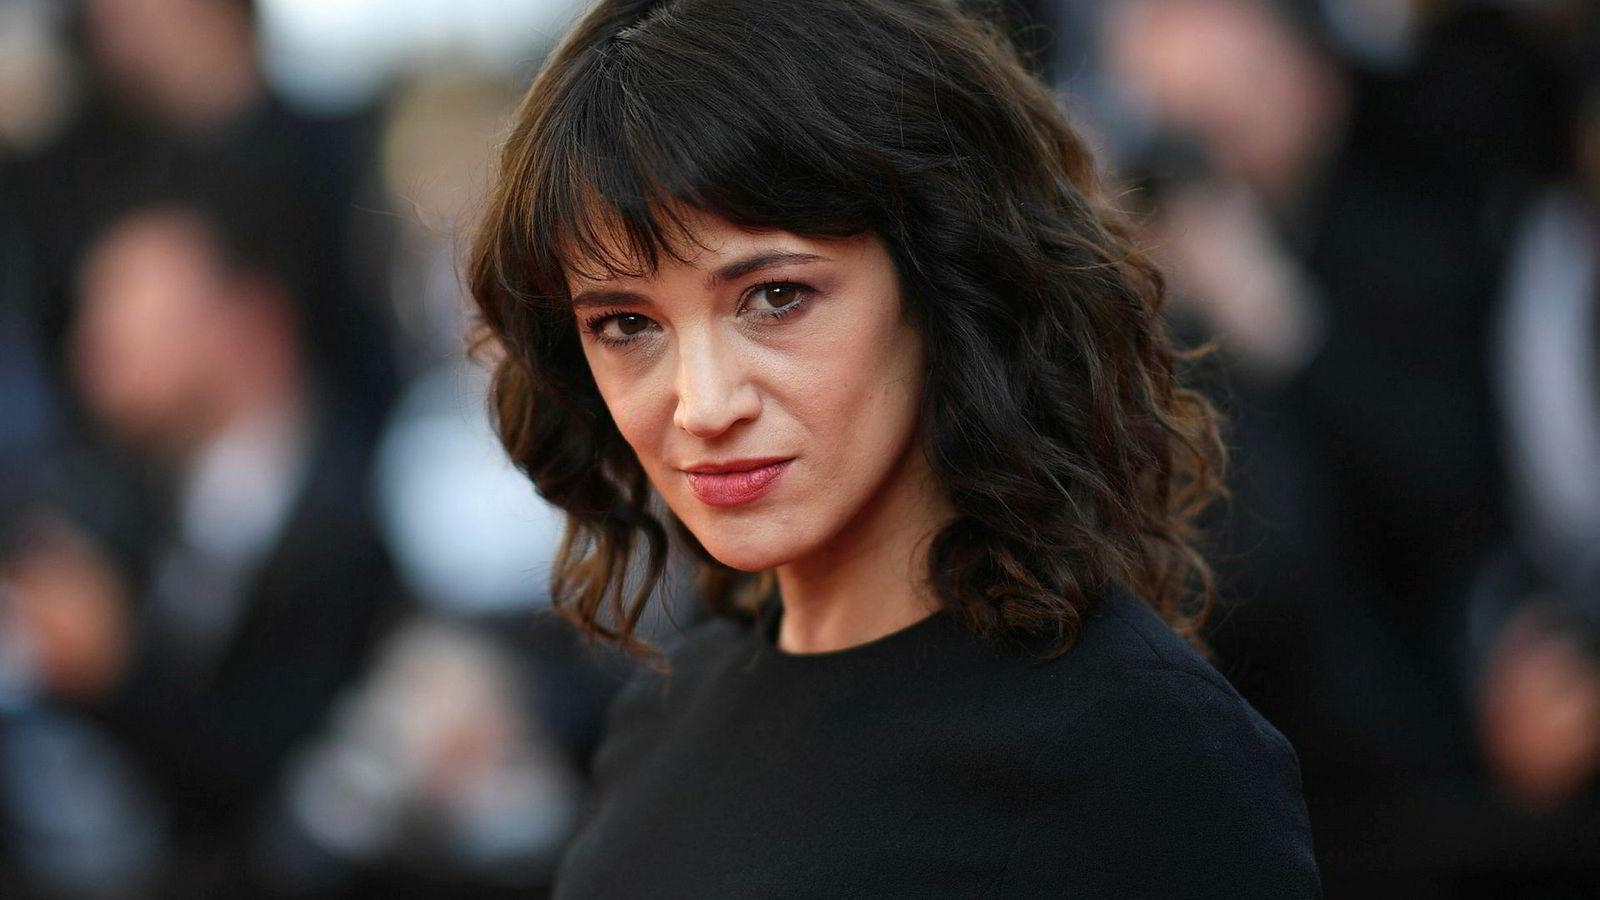 Den italienske skuespilleren Asia Argento skal selv ha betalt en mann som anklaget henne for overgrep.